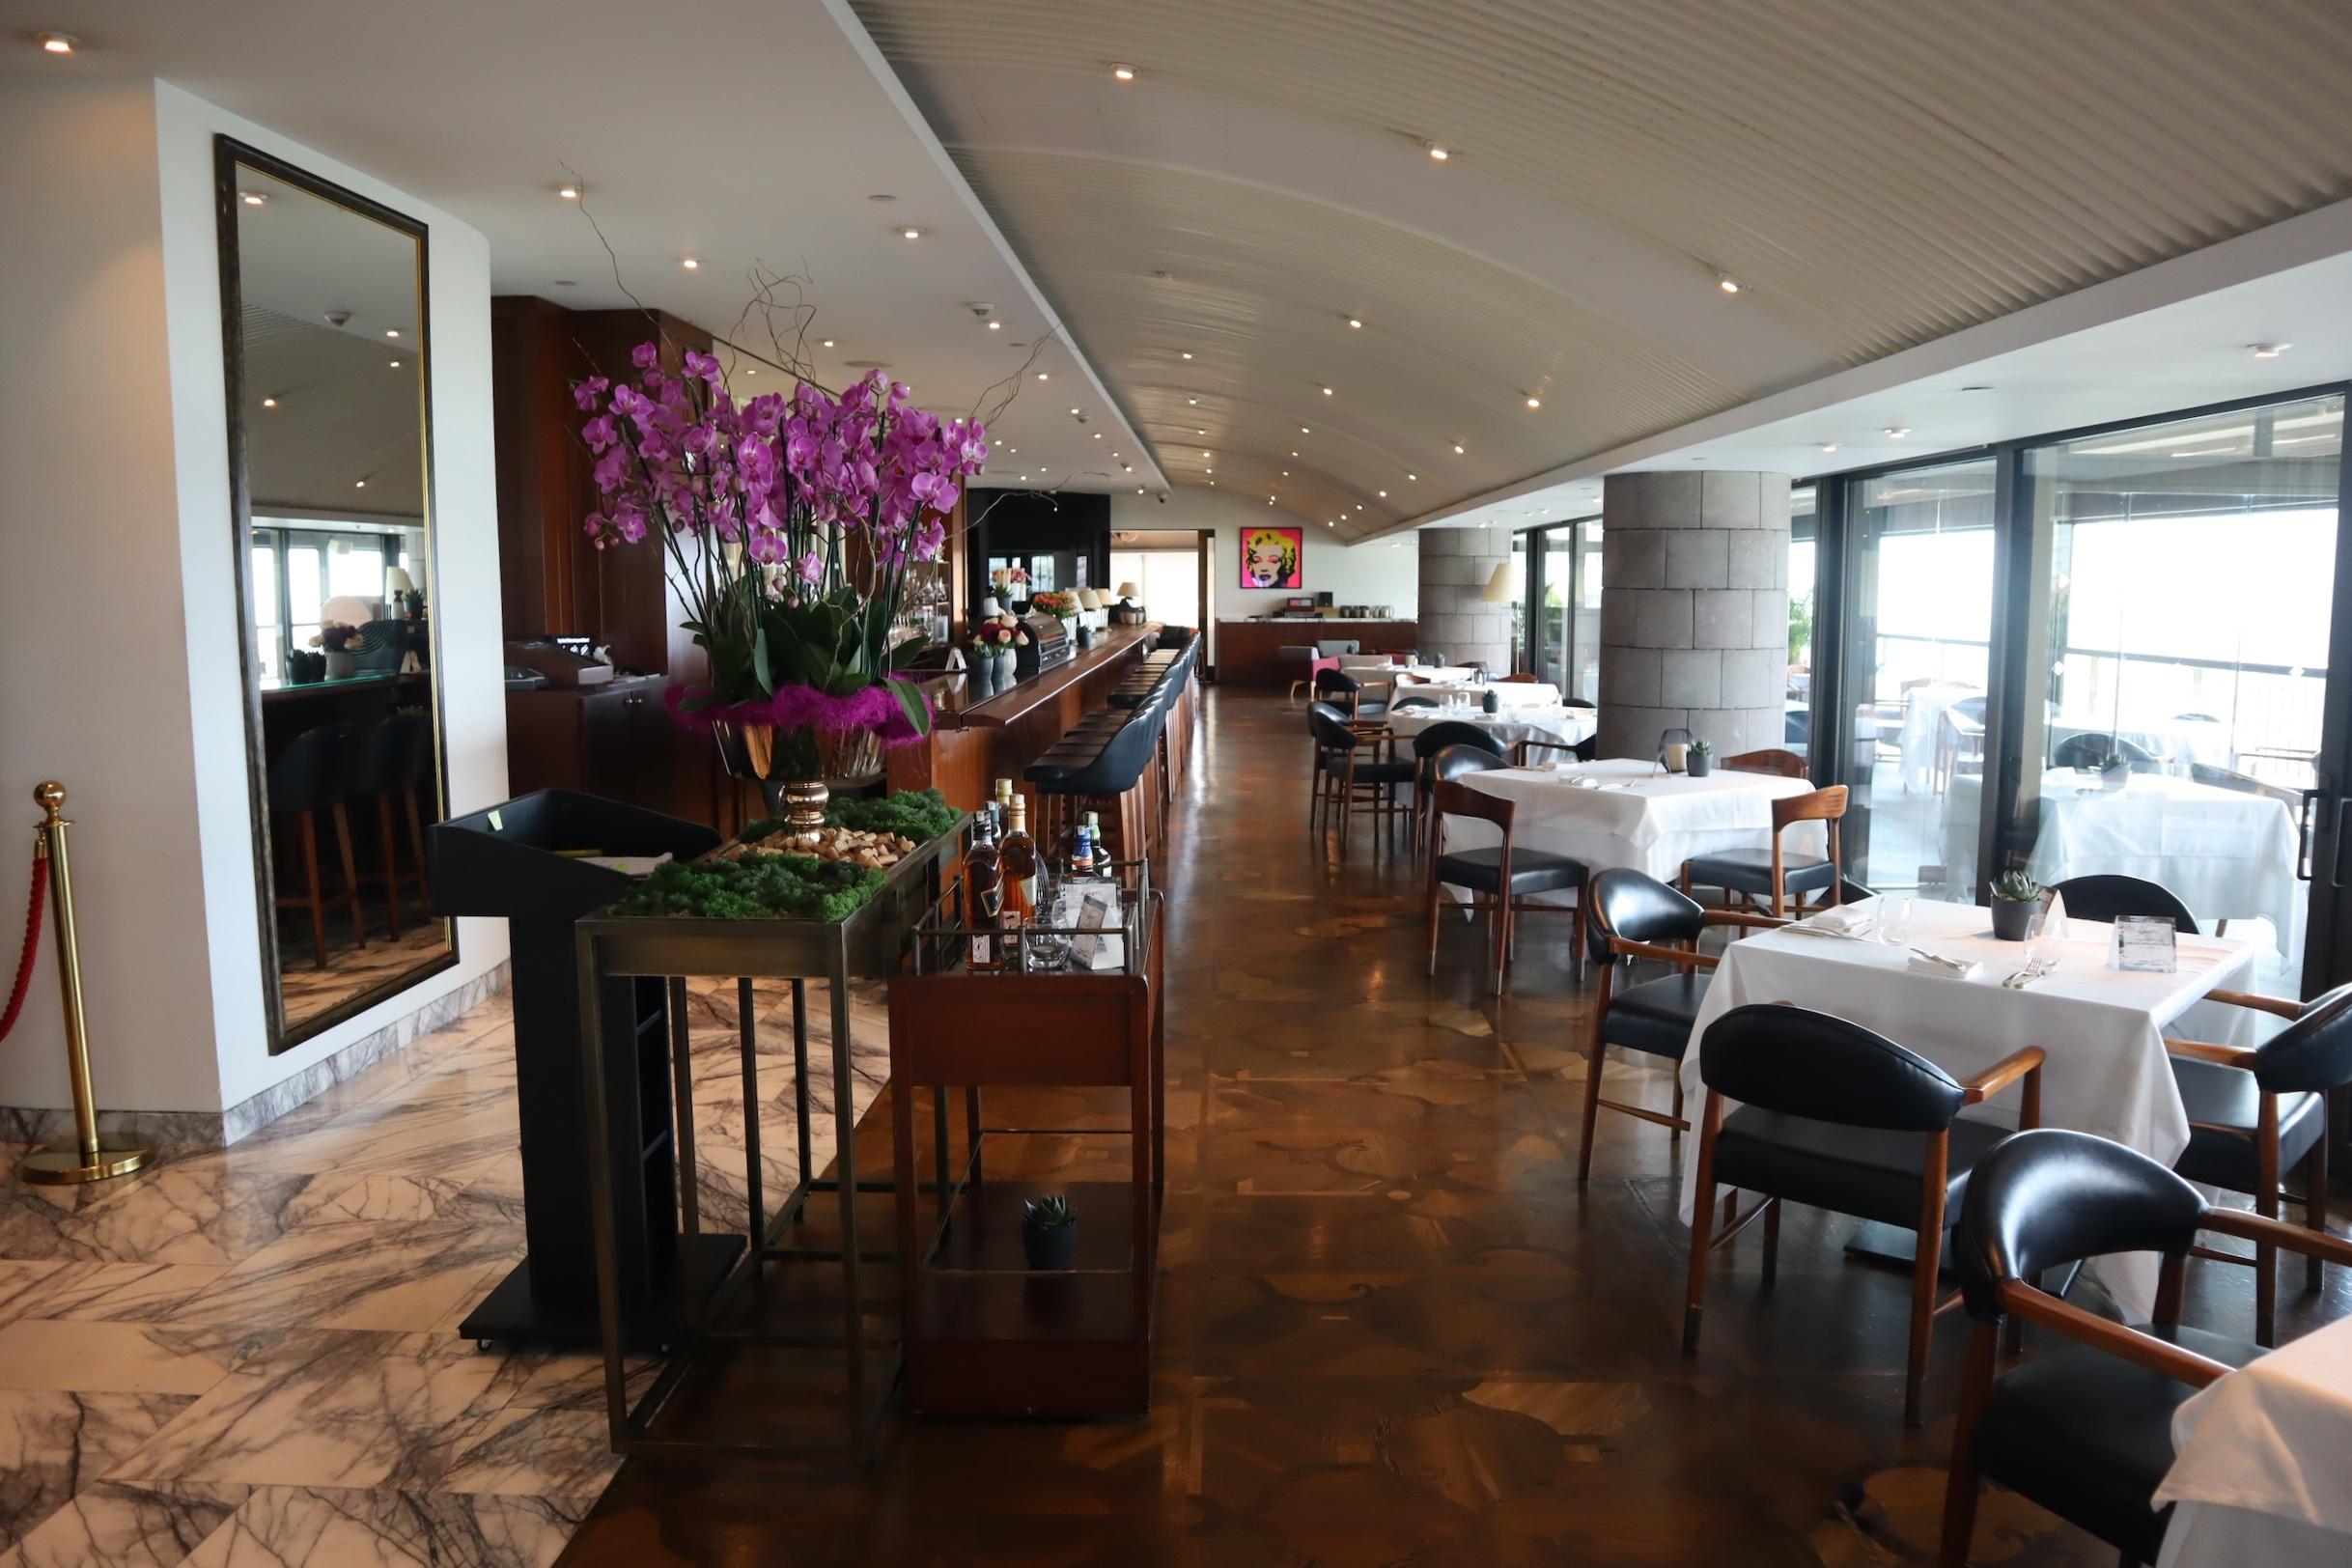 St. Regis Istanbul – Spago restaurant